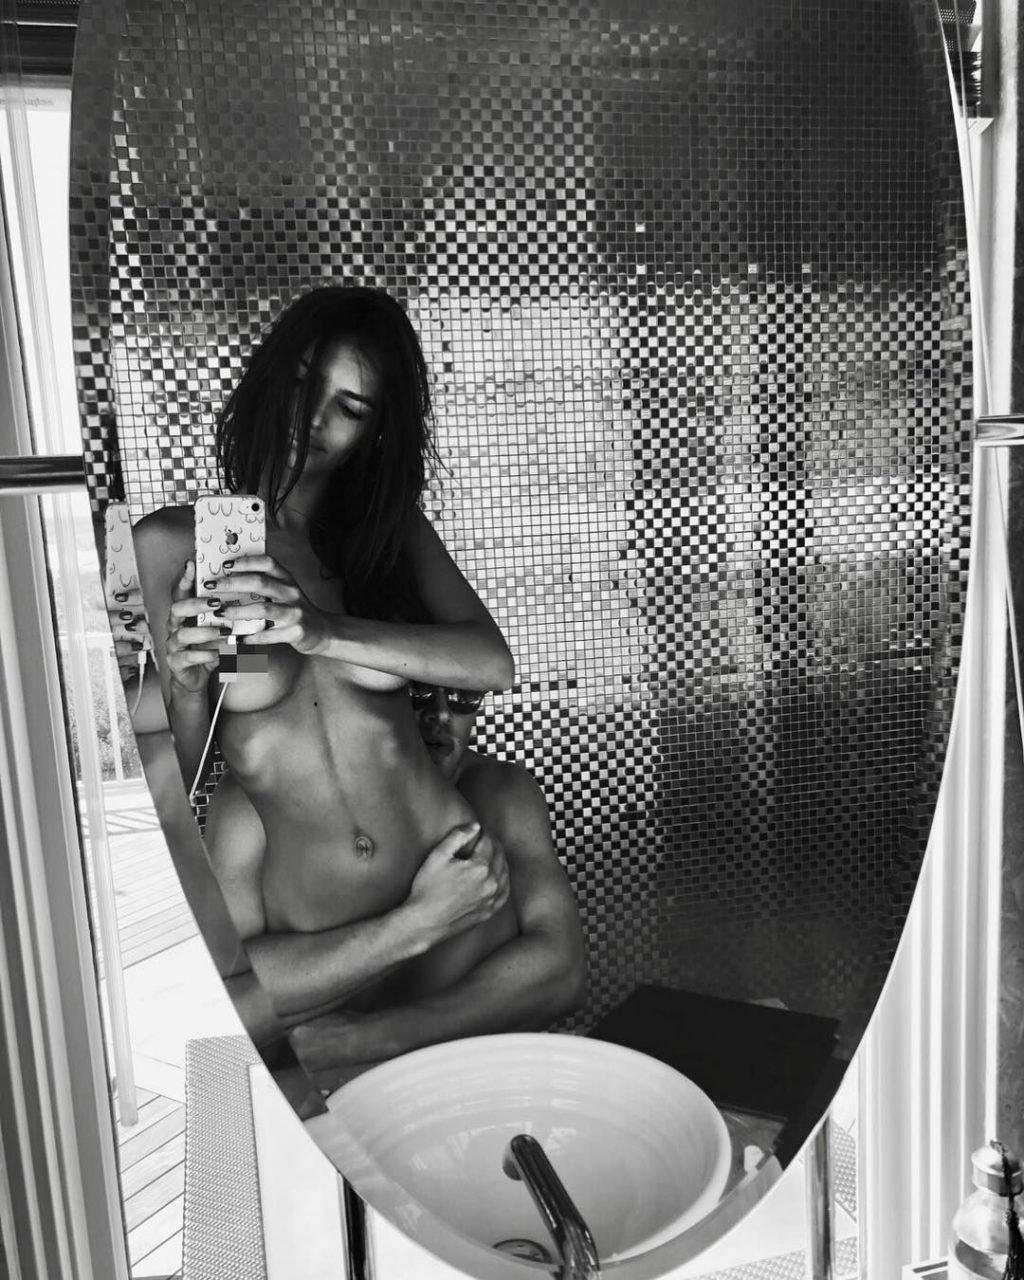 Emily Ratajkowski Nude (New Photo)